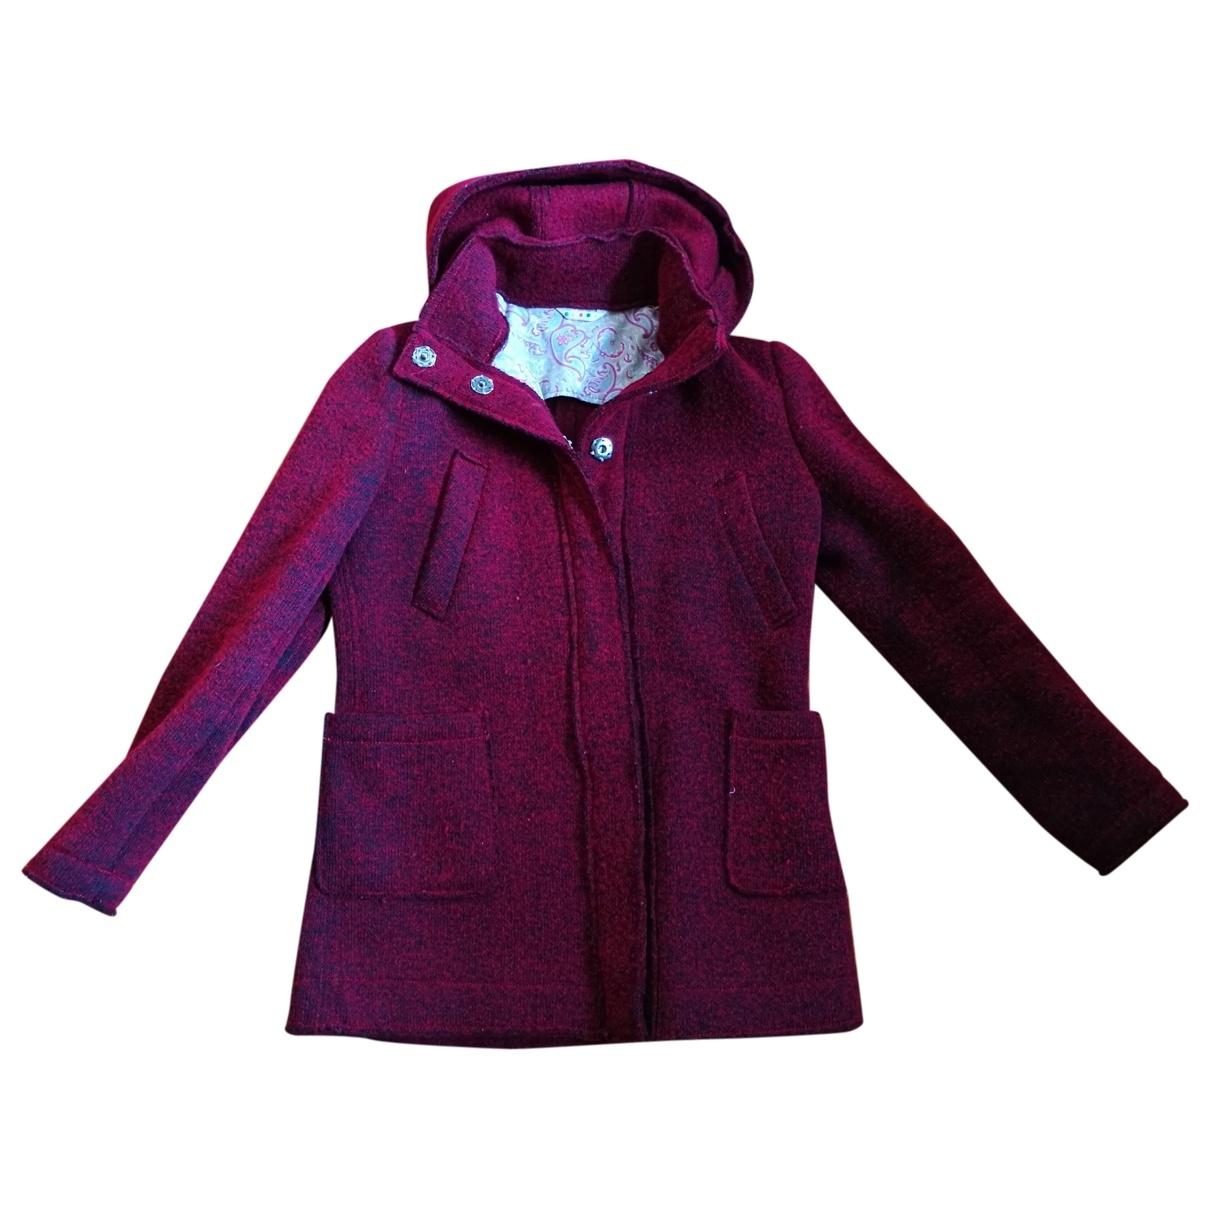 Manuel Ritz \N Jacke in  Rot Wolle